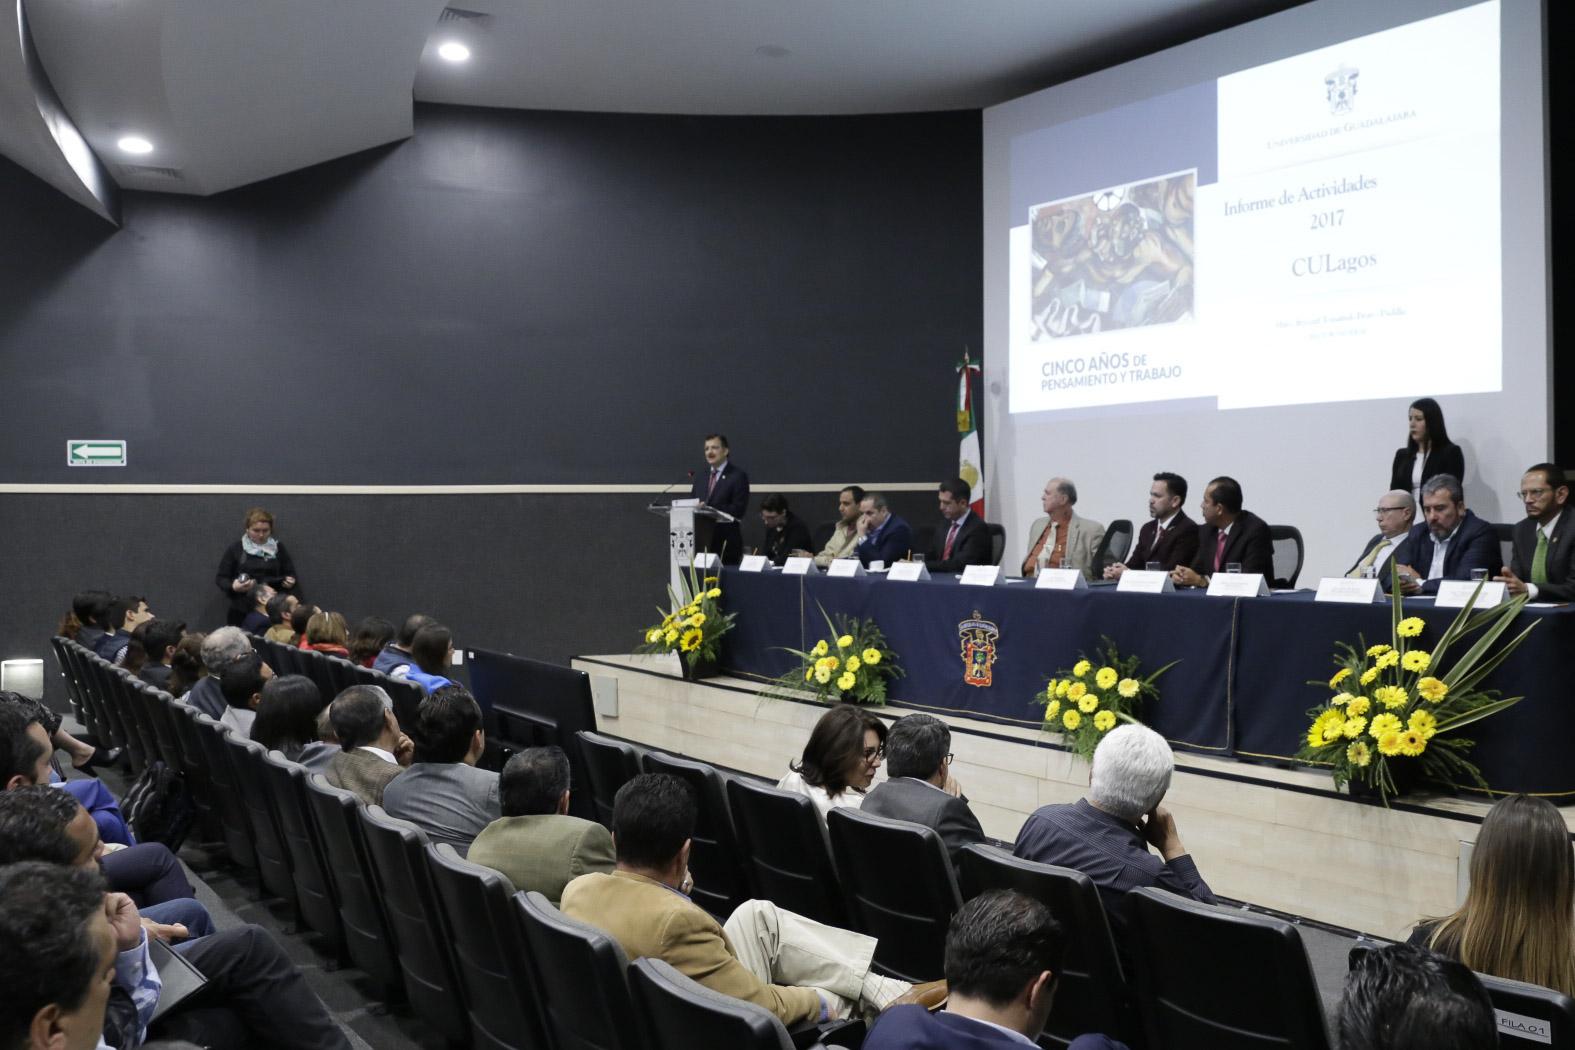 El rector general, maestro Tonatiuh Bravo Padilla se dirigio a los asistentes desde el podium